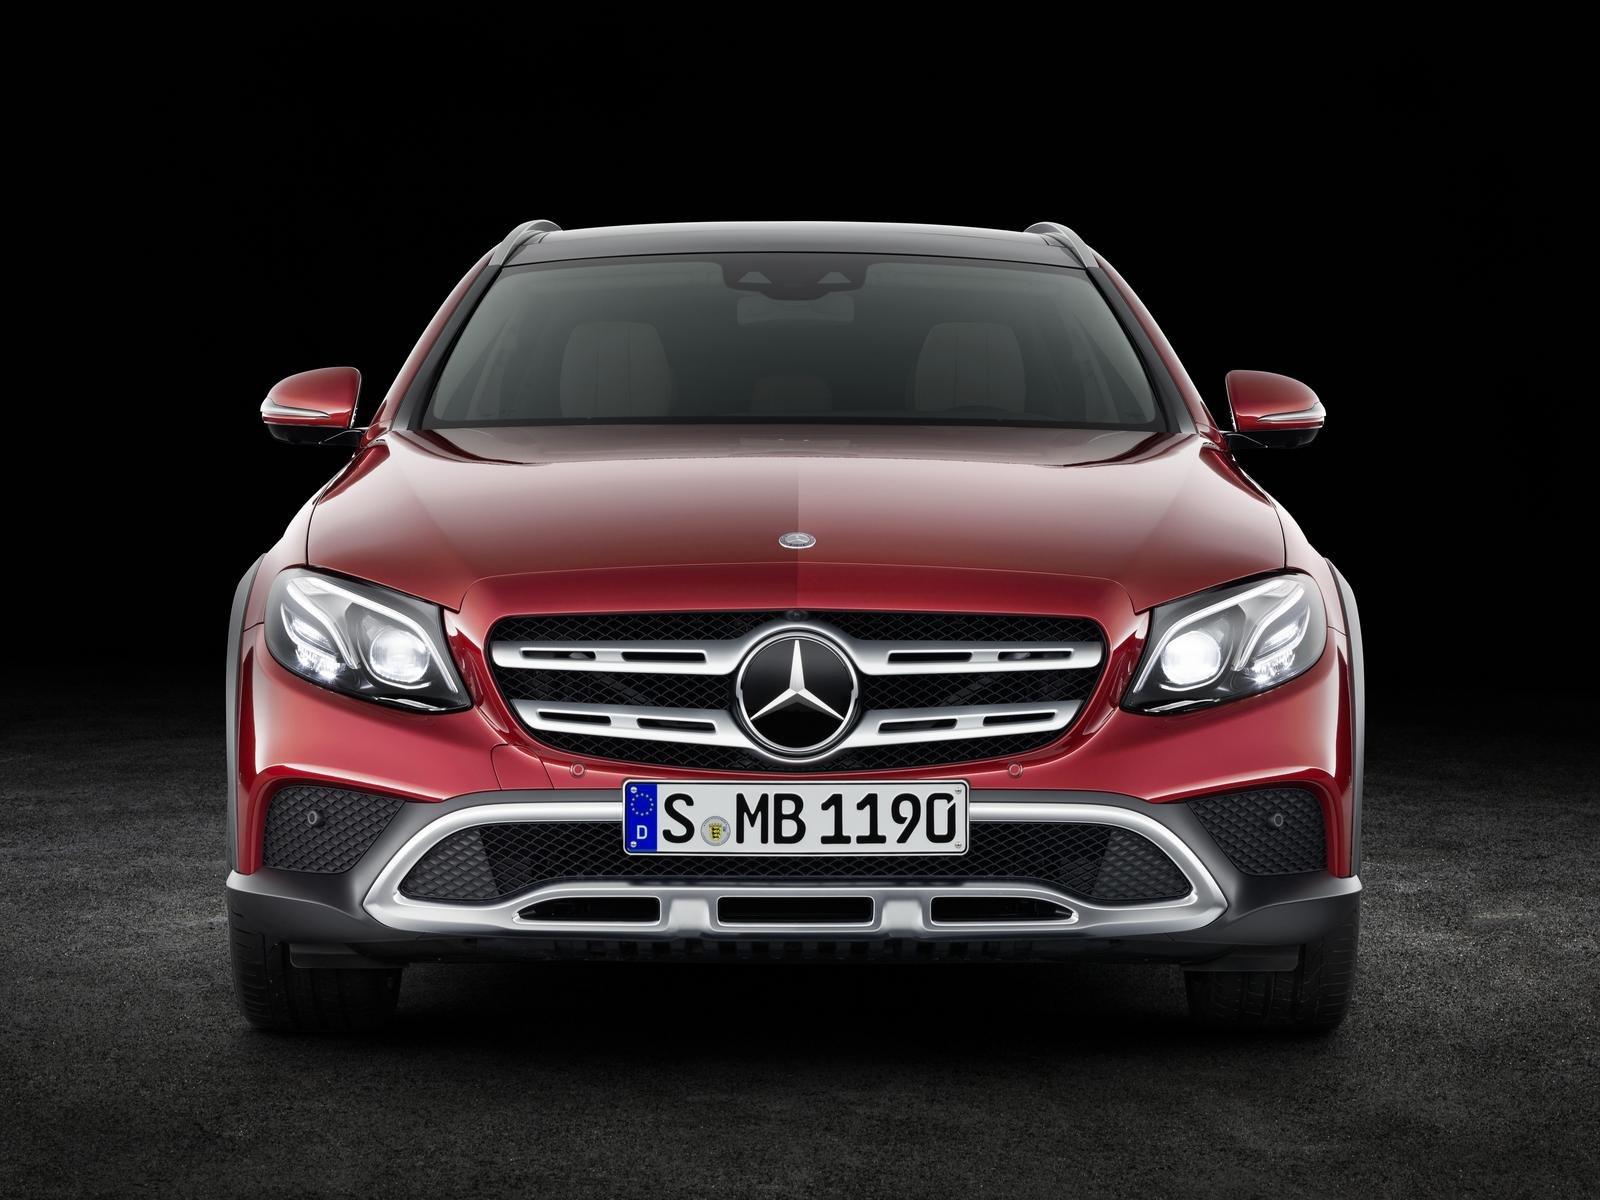 Mercedes E-Class All-Terrain Wallpapers hd